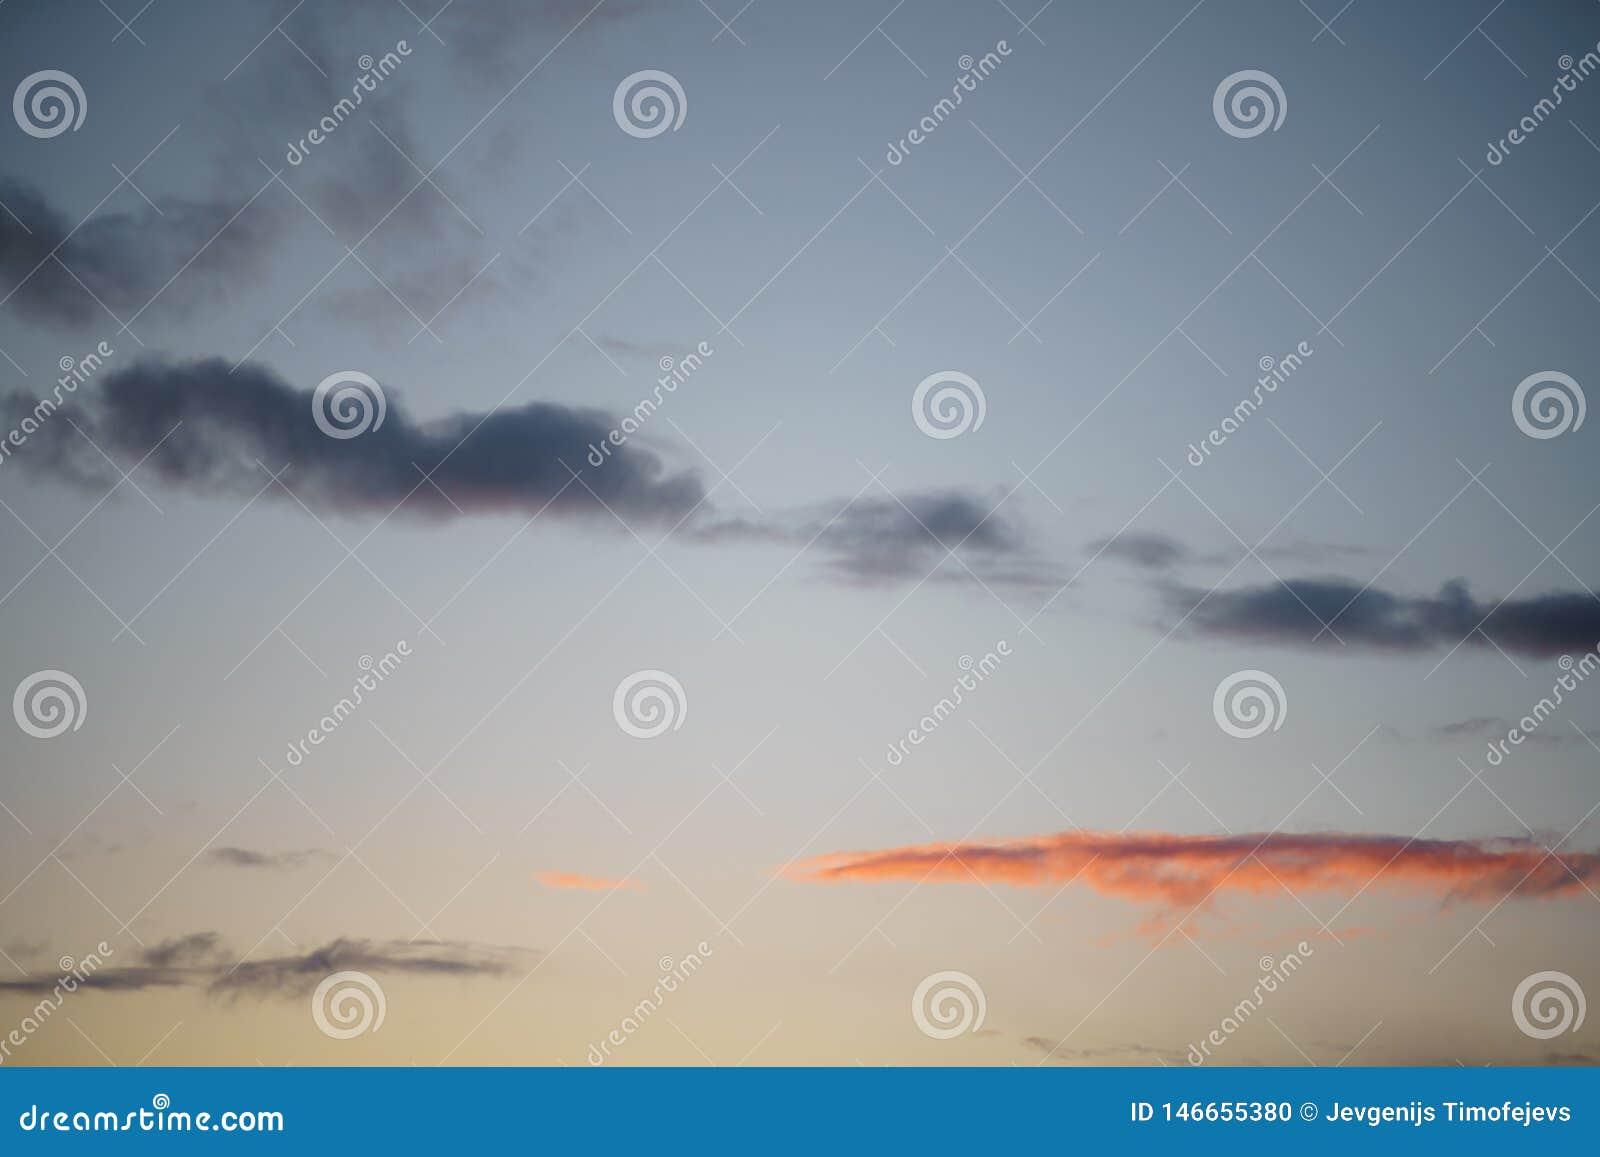 Puesta del sol viva rosada con un molino en el fondo - nubes lluviosas que asumen el control en este paisaje hermoso del paisaje